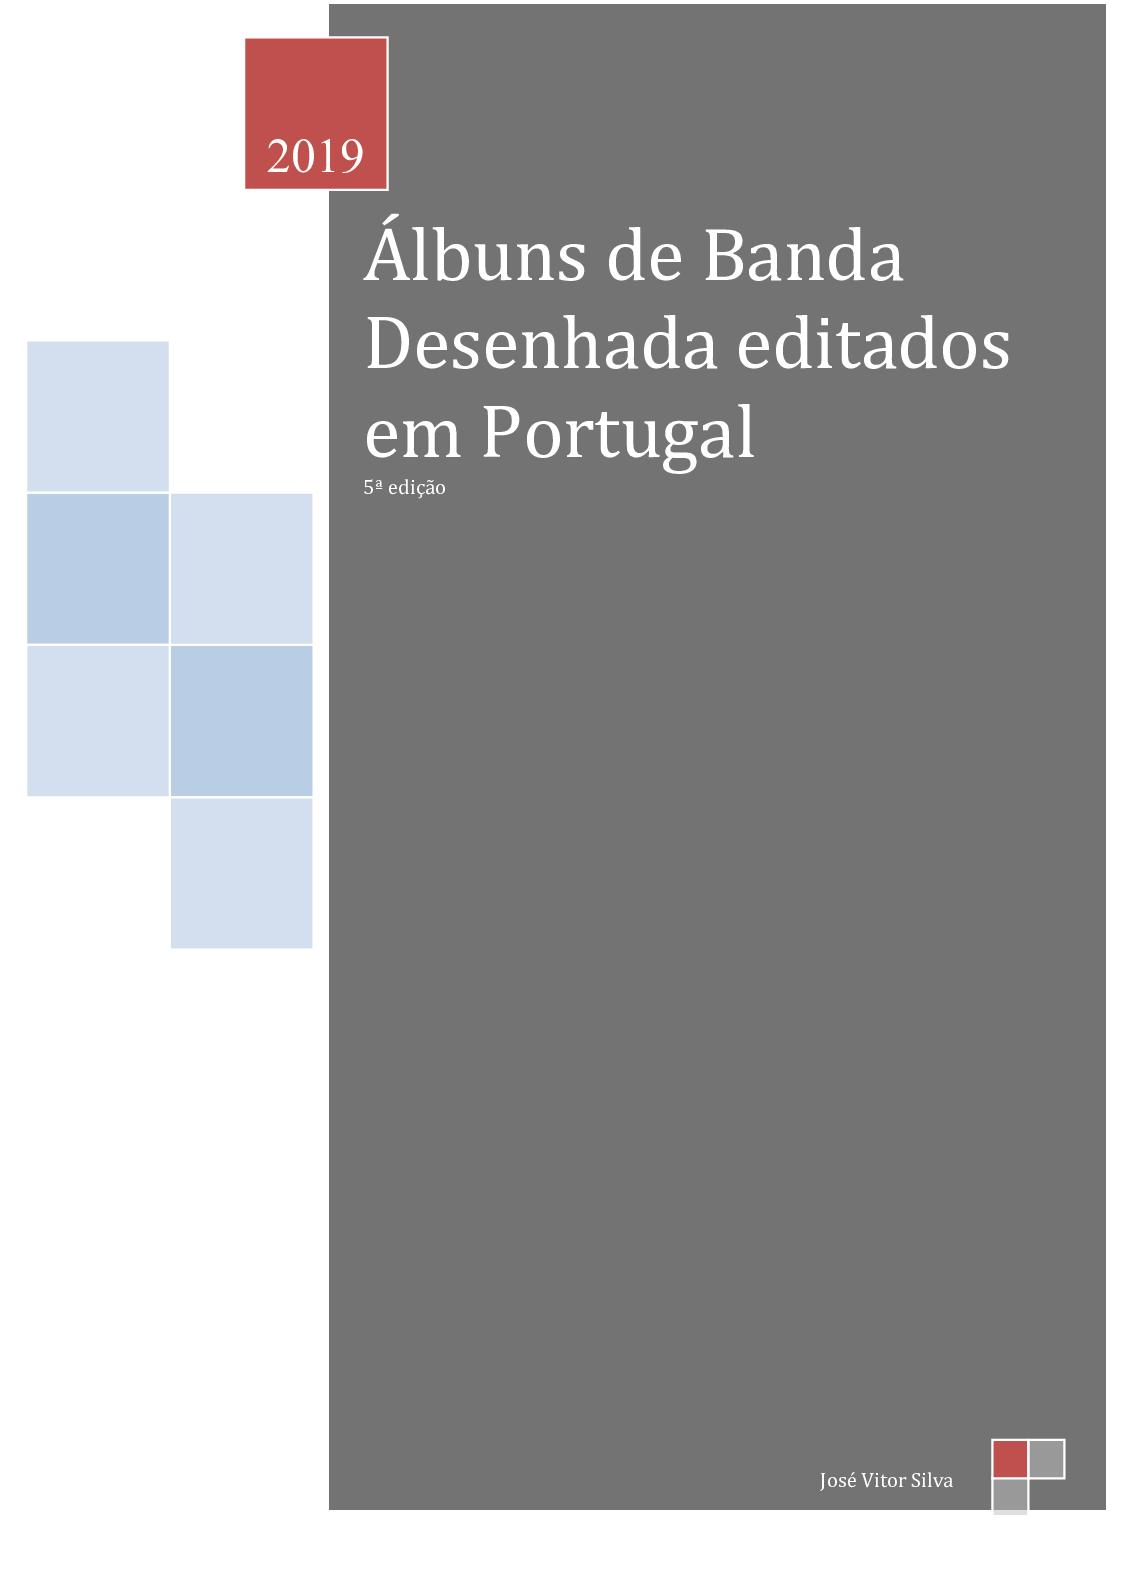 9805db69d7059 Calaméo - Álbuns de BD editados em Portugal  edição 2019